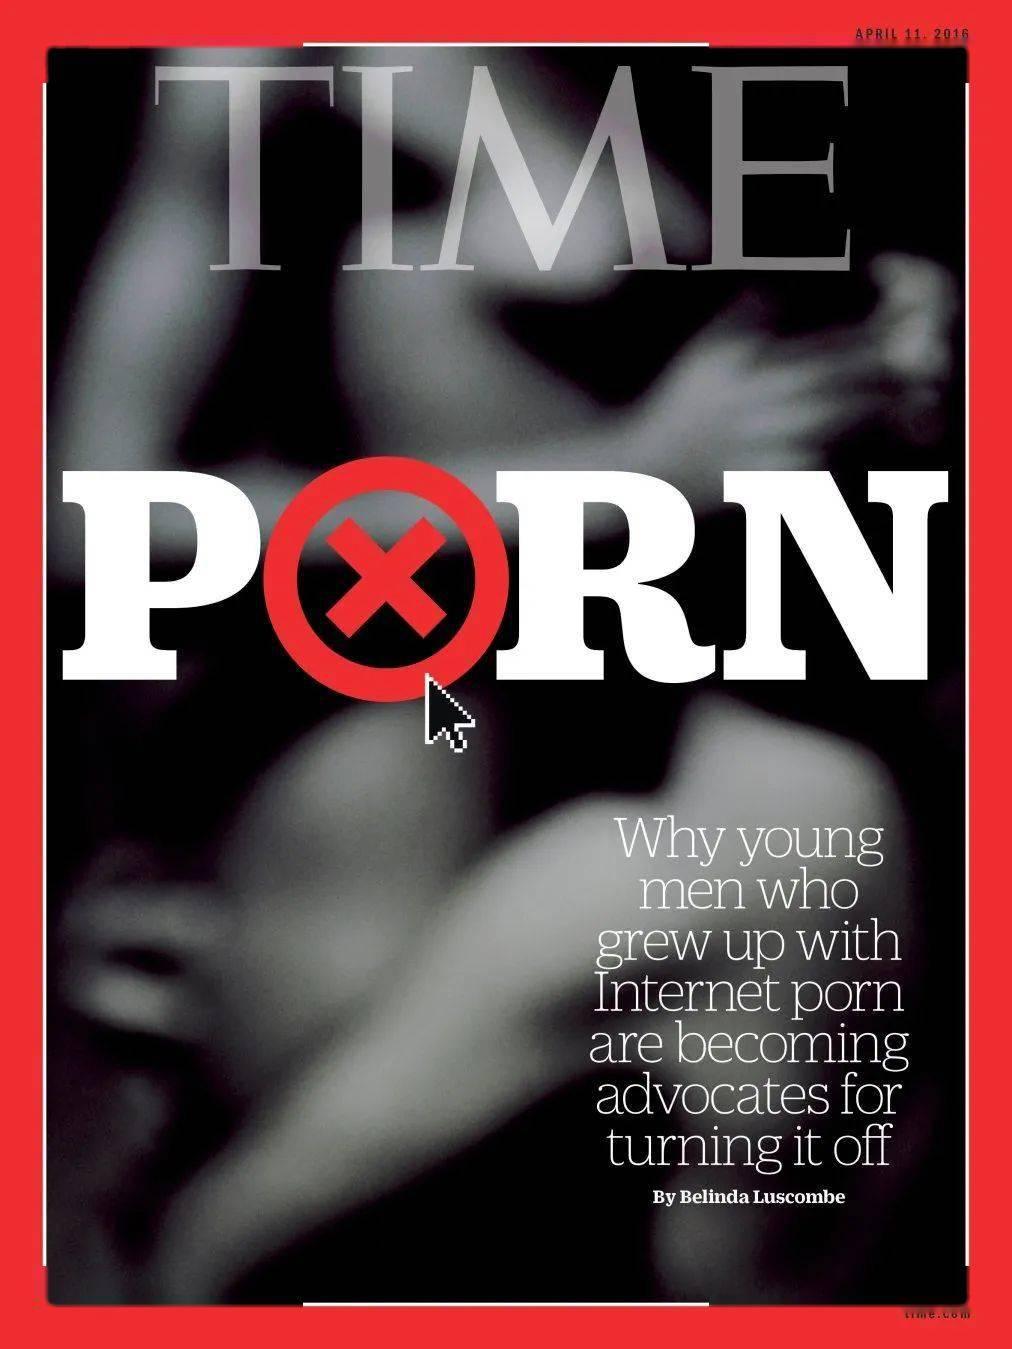 《时代周刊》:靠互联网脏片成长的男人为什么开始主张废掉它